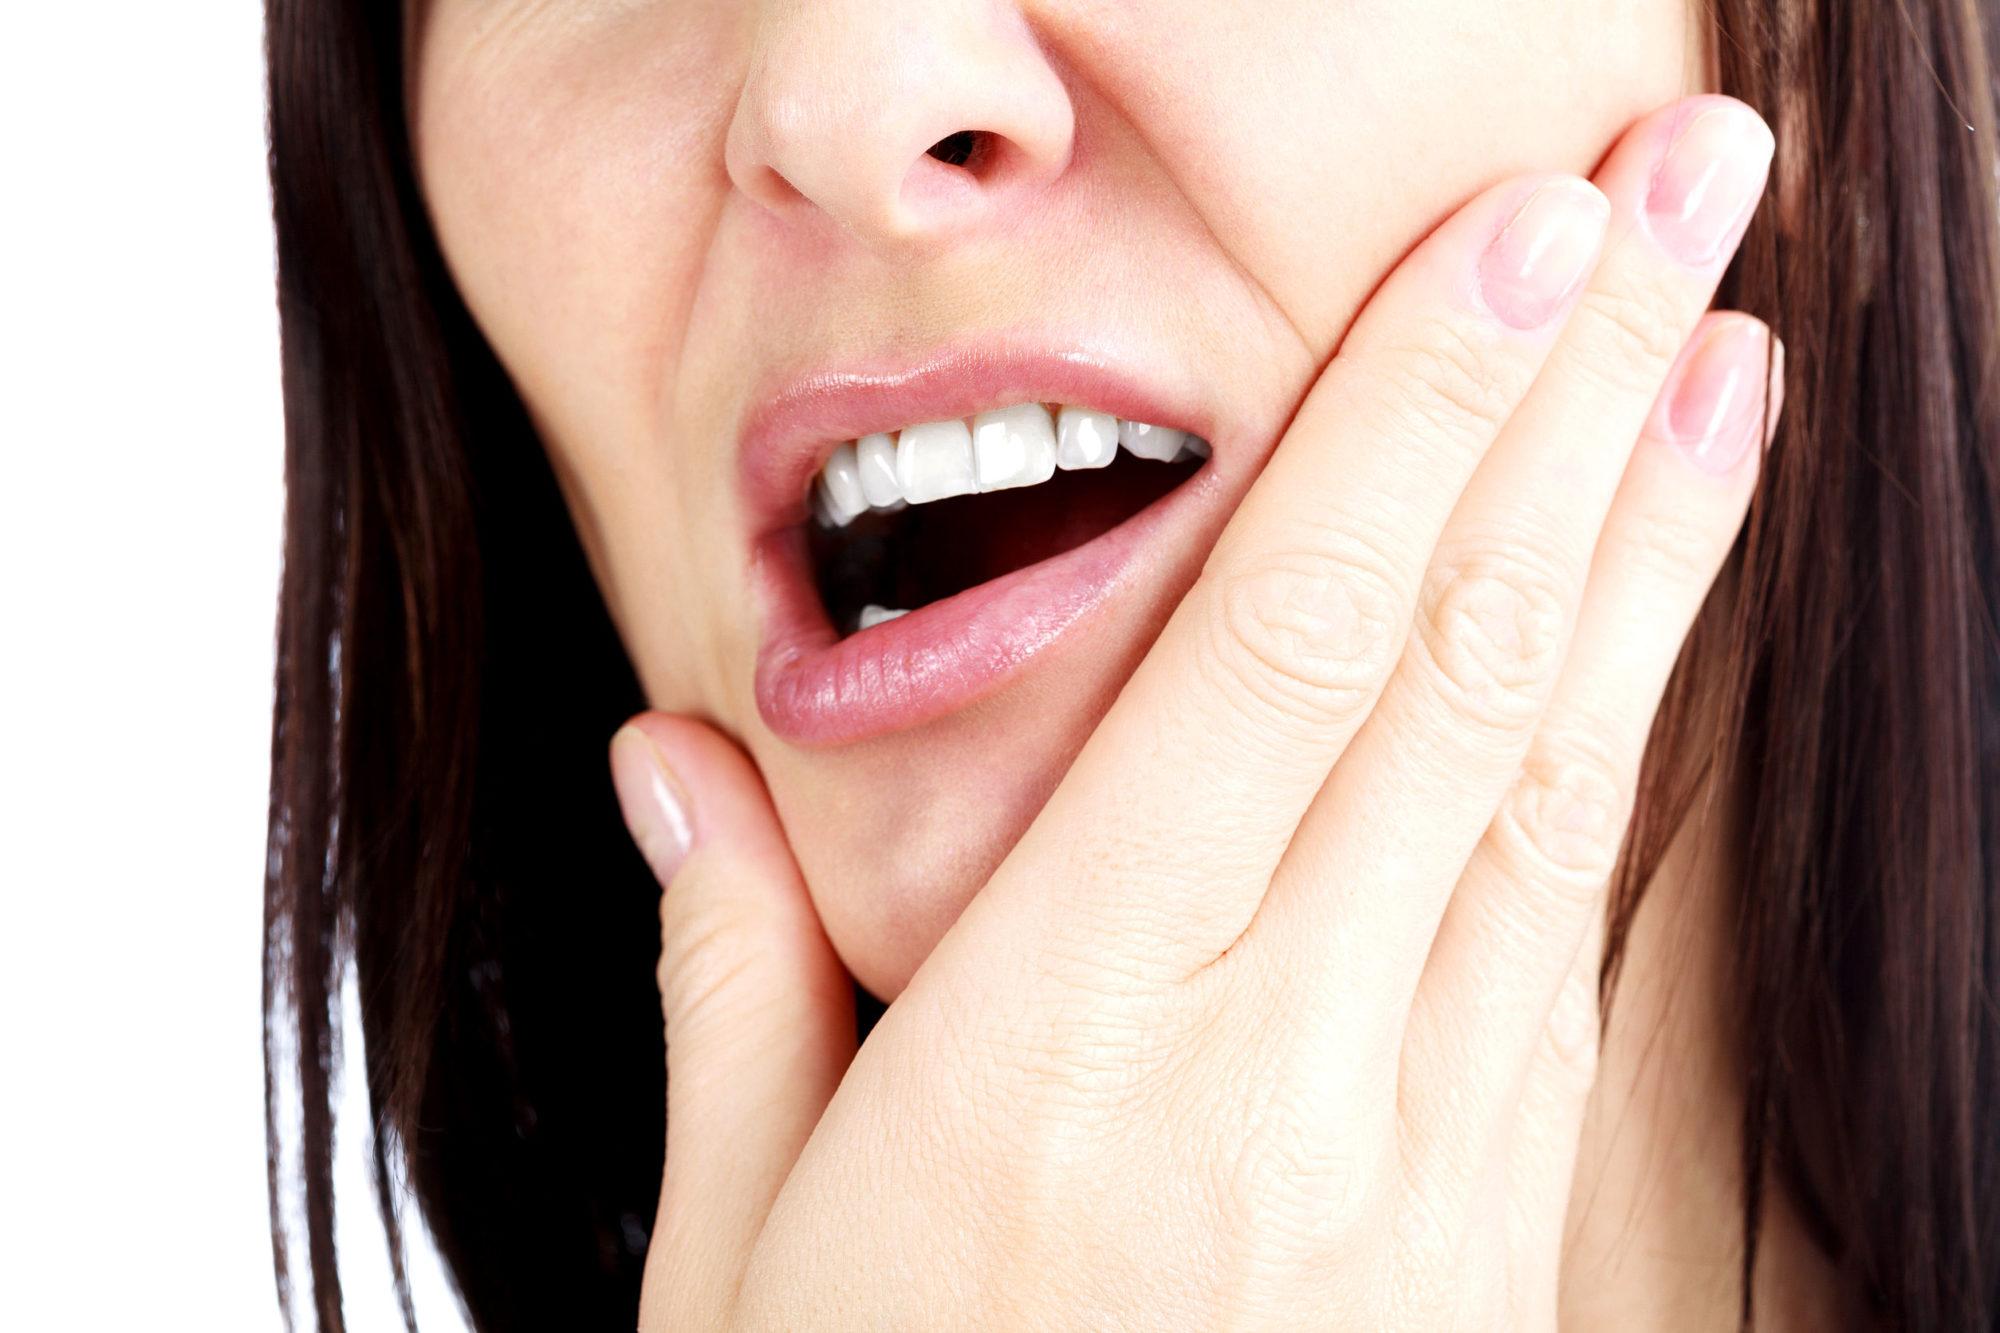 入れ歯が合わなくて痛みが生じる原因